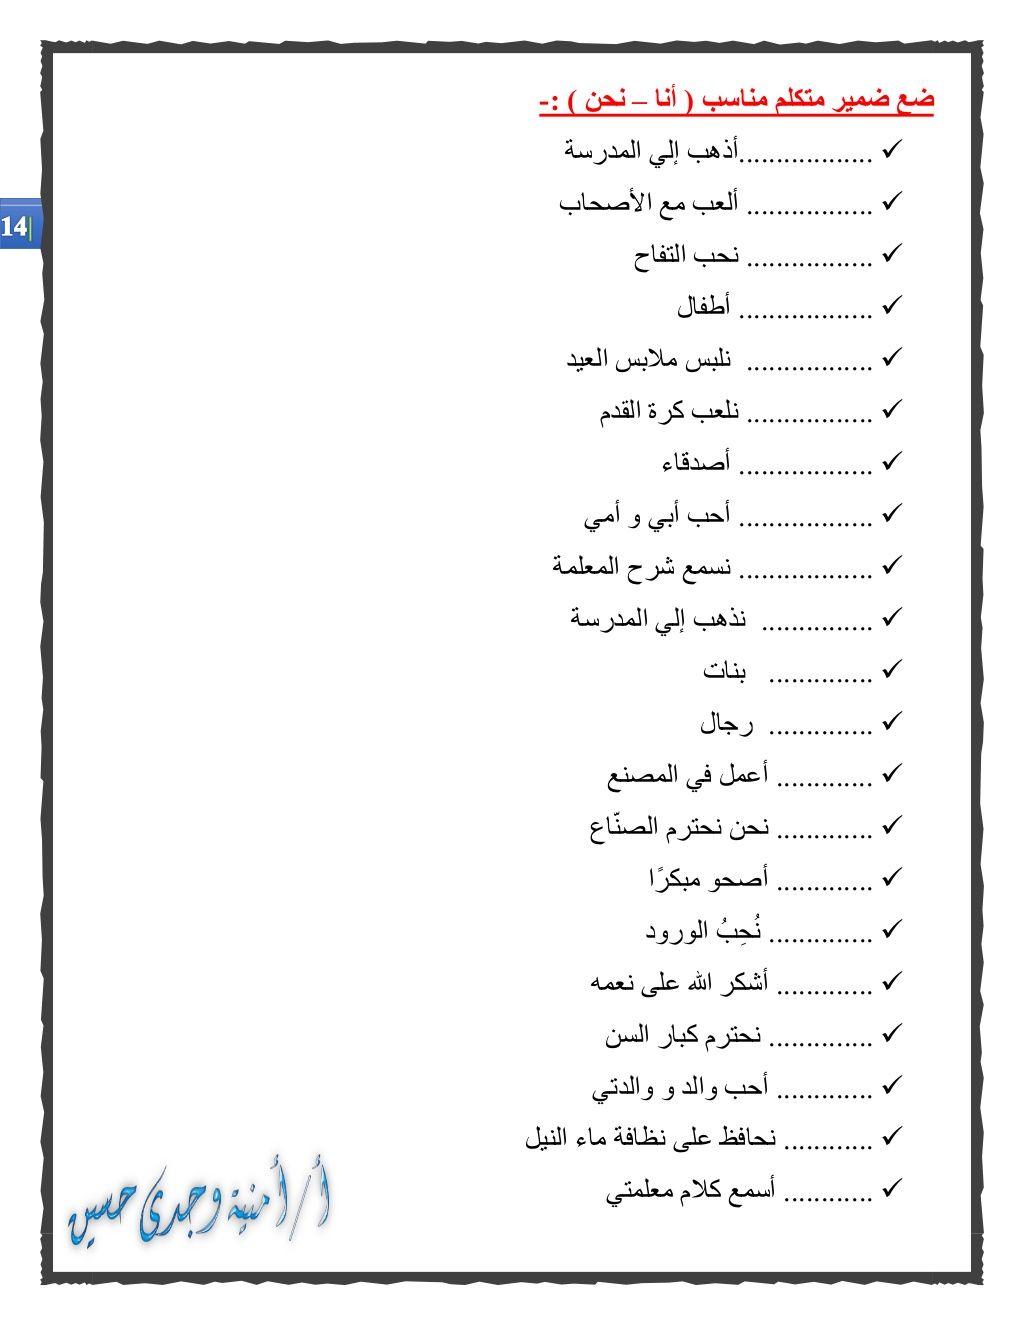 كراسة الأساليب والتراكيب فى اللغة العربية للصفوف الأولى من المرحلة ال Apprendre L Arabe Cours D Arabe Apprendre L Alphabet